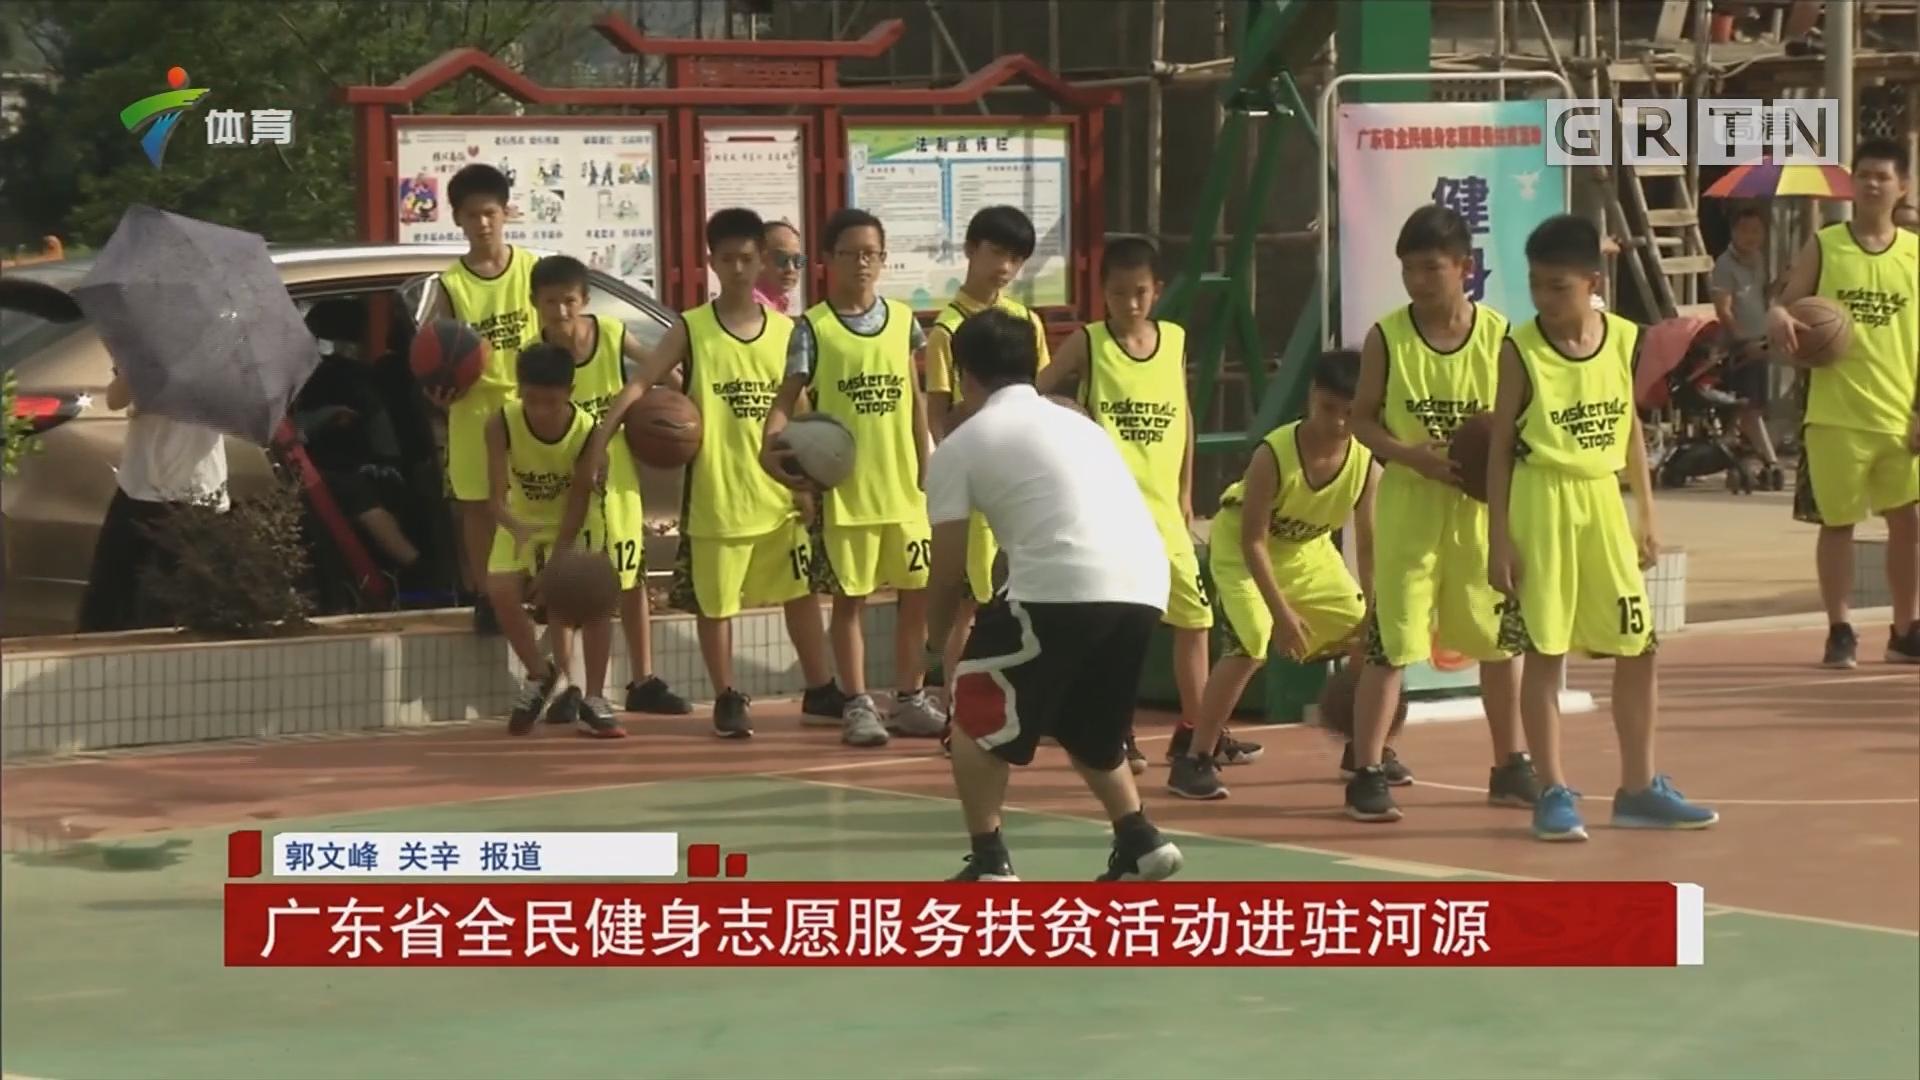 广东省全民健身志愿服务扶贫活动进驻河源